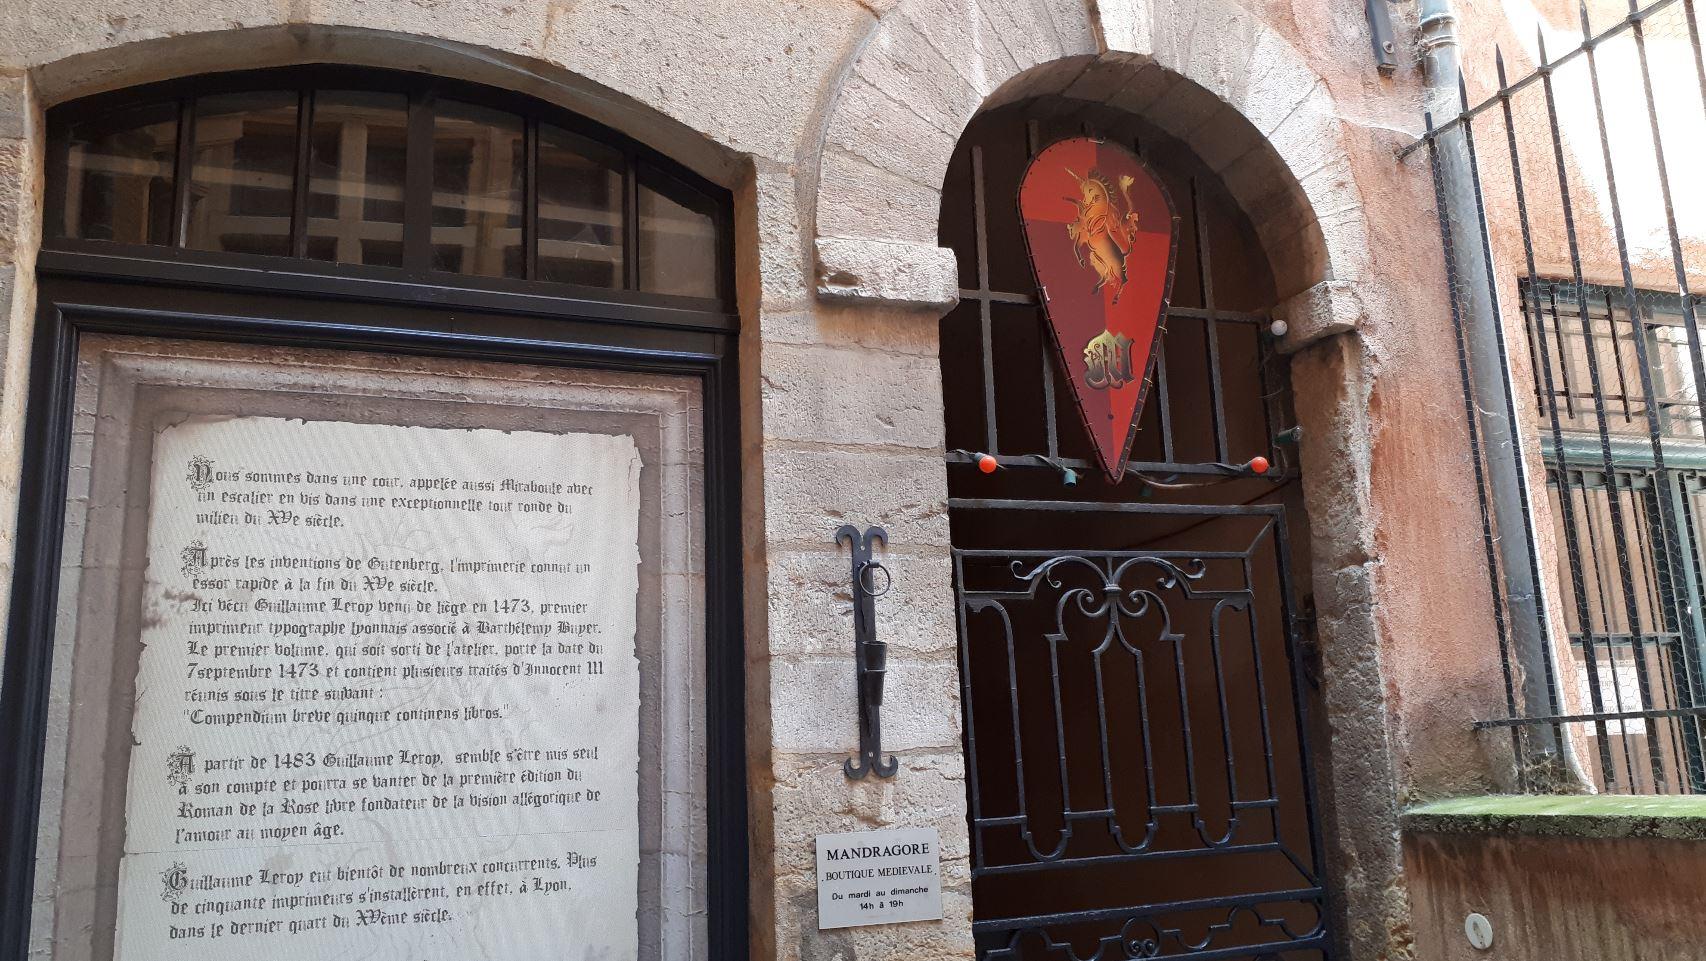 Mandragore, boutique médiévale